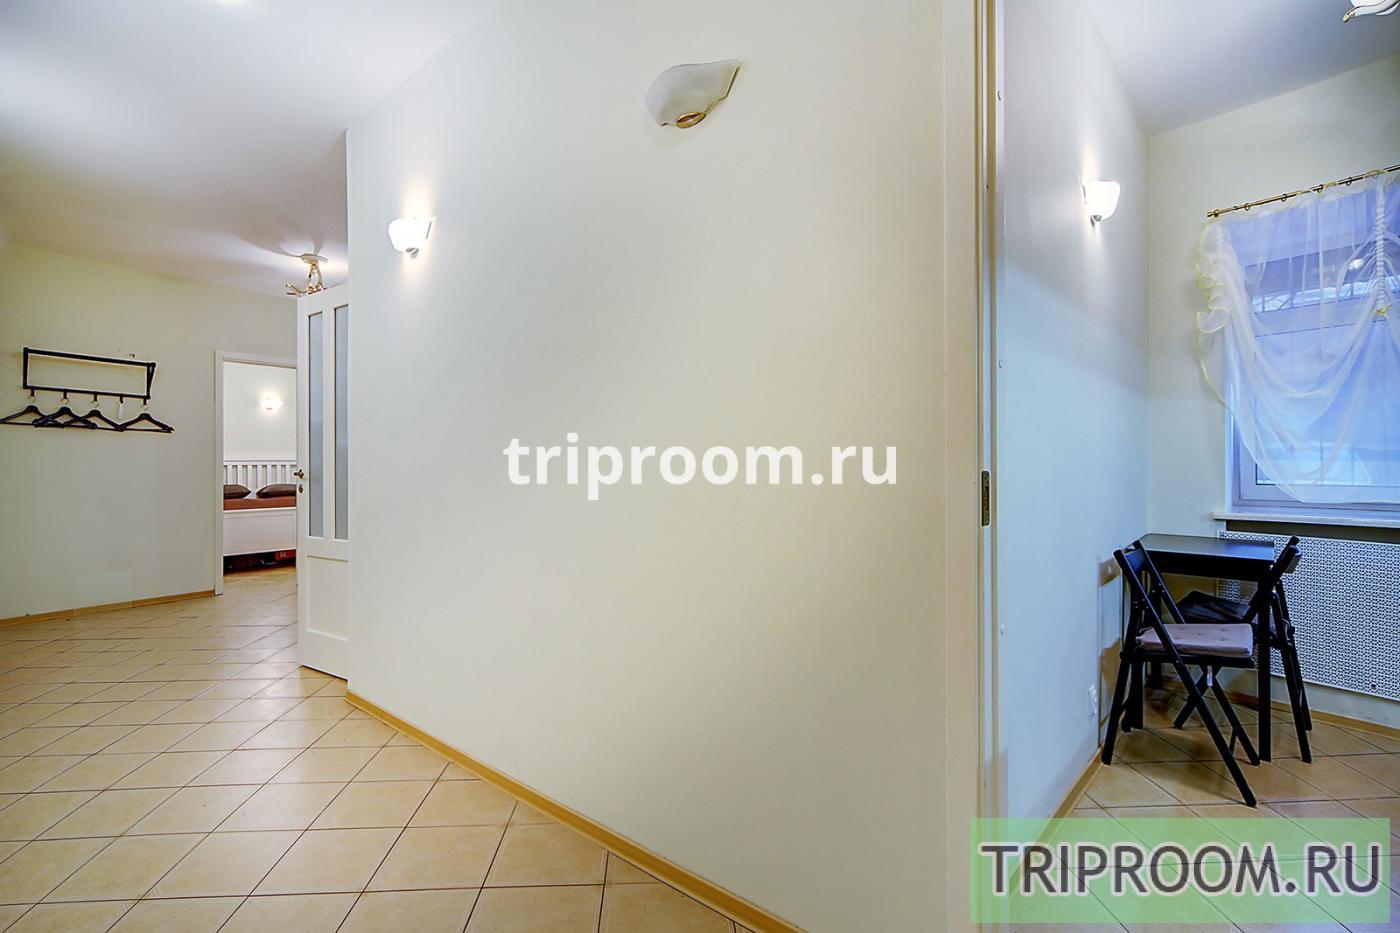 3-комнатная квартира посуточно (вариант № 14749), ул. Большая Конюшенная улица, фото № 16